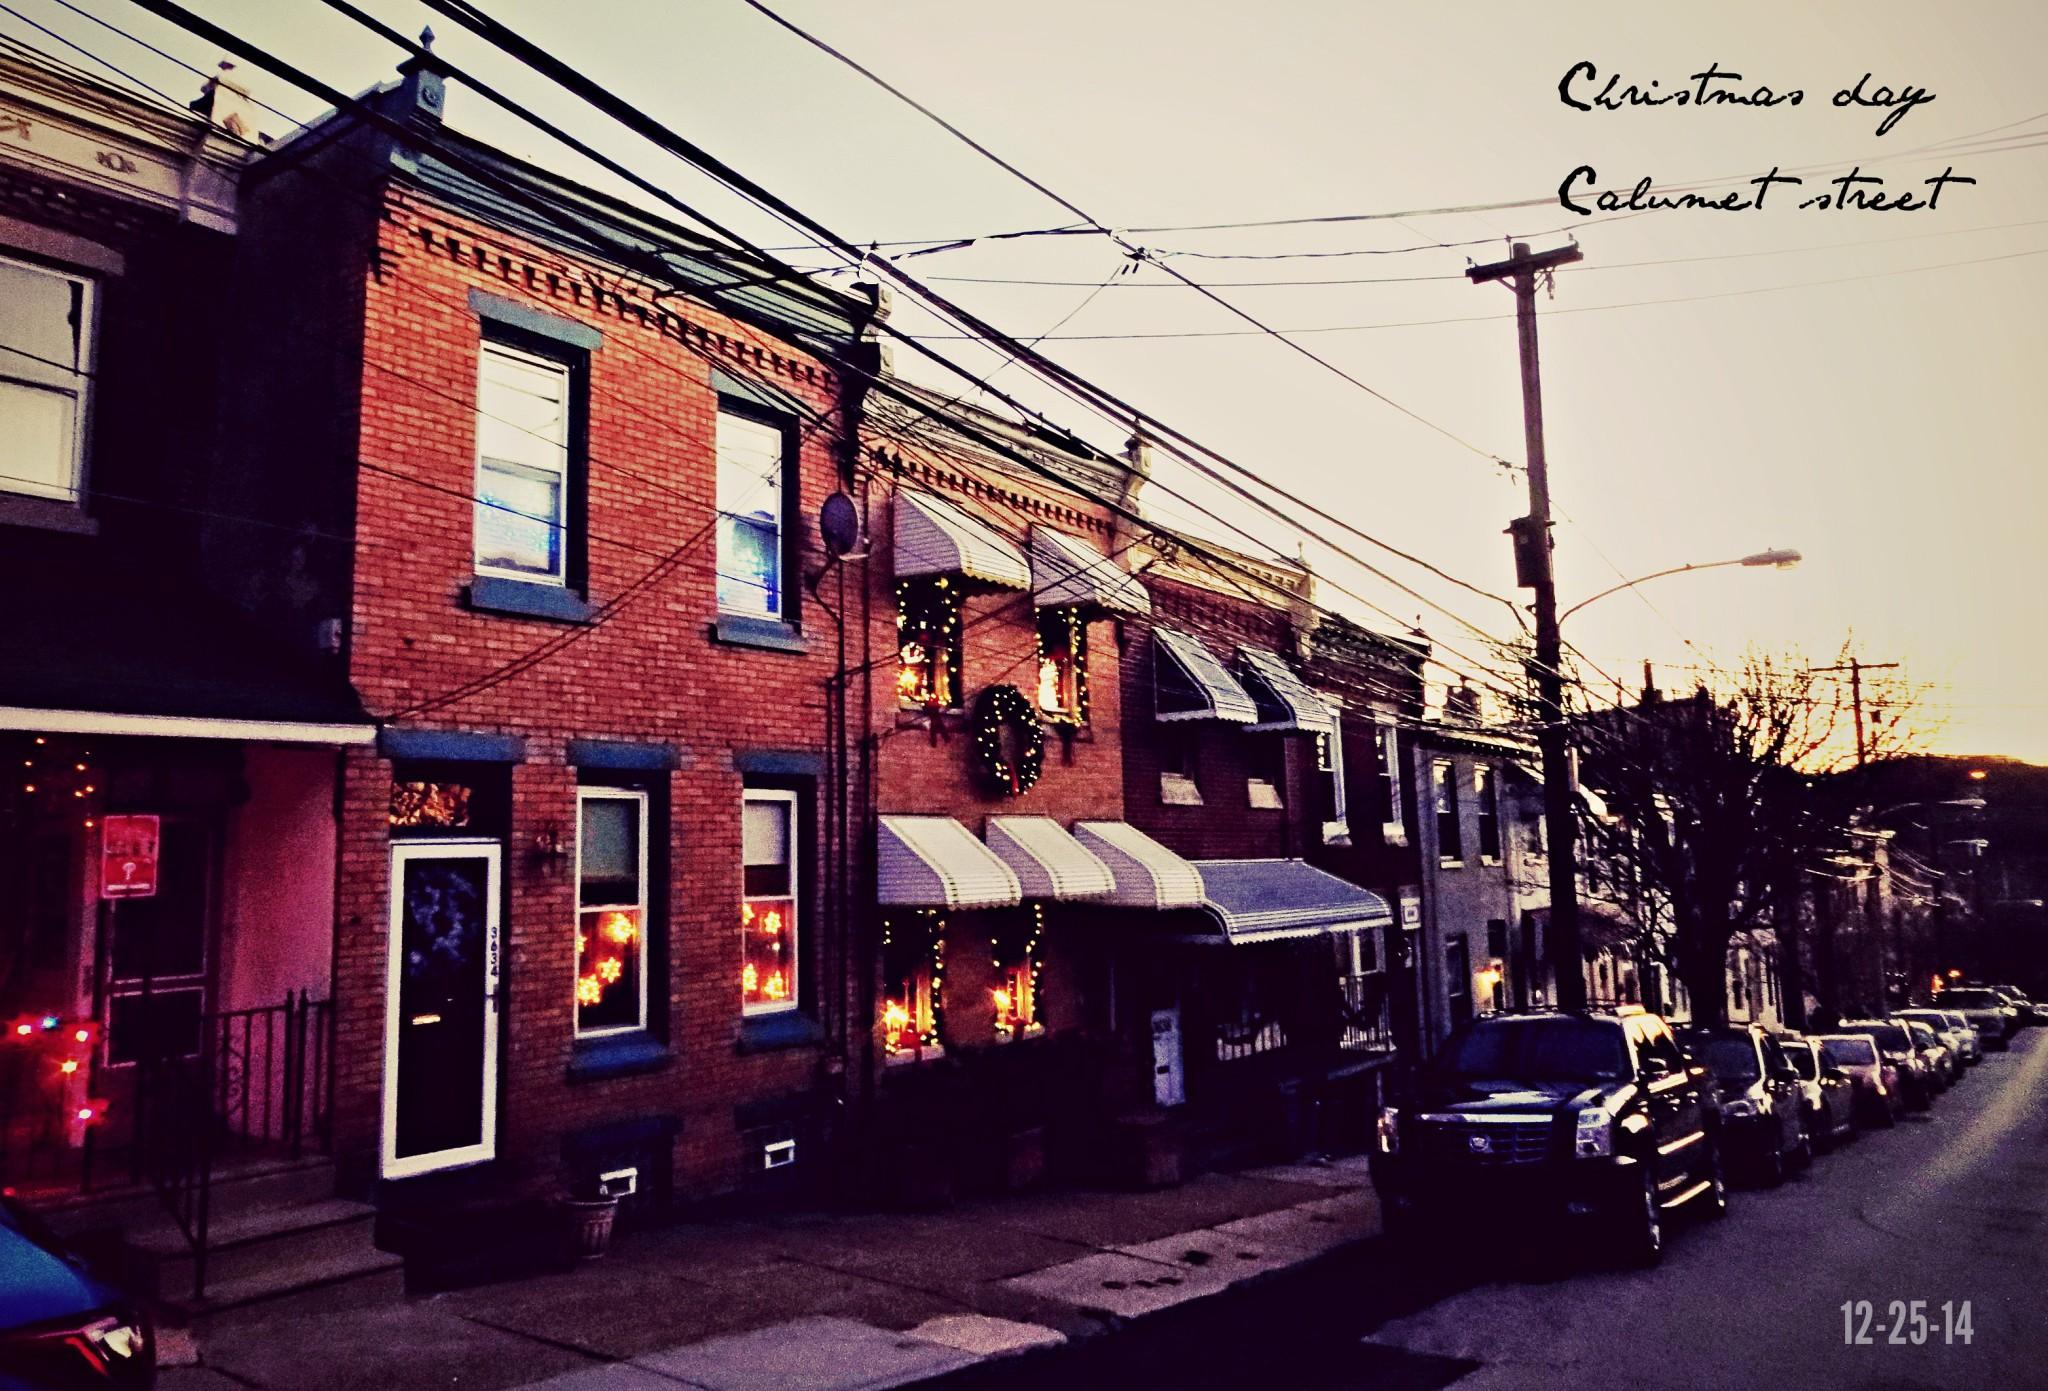 East Falls Local 12-25 Calumet street lights sunset text